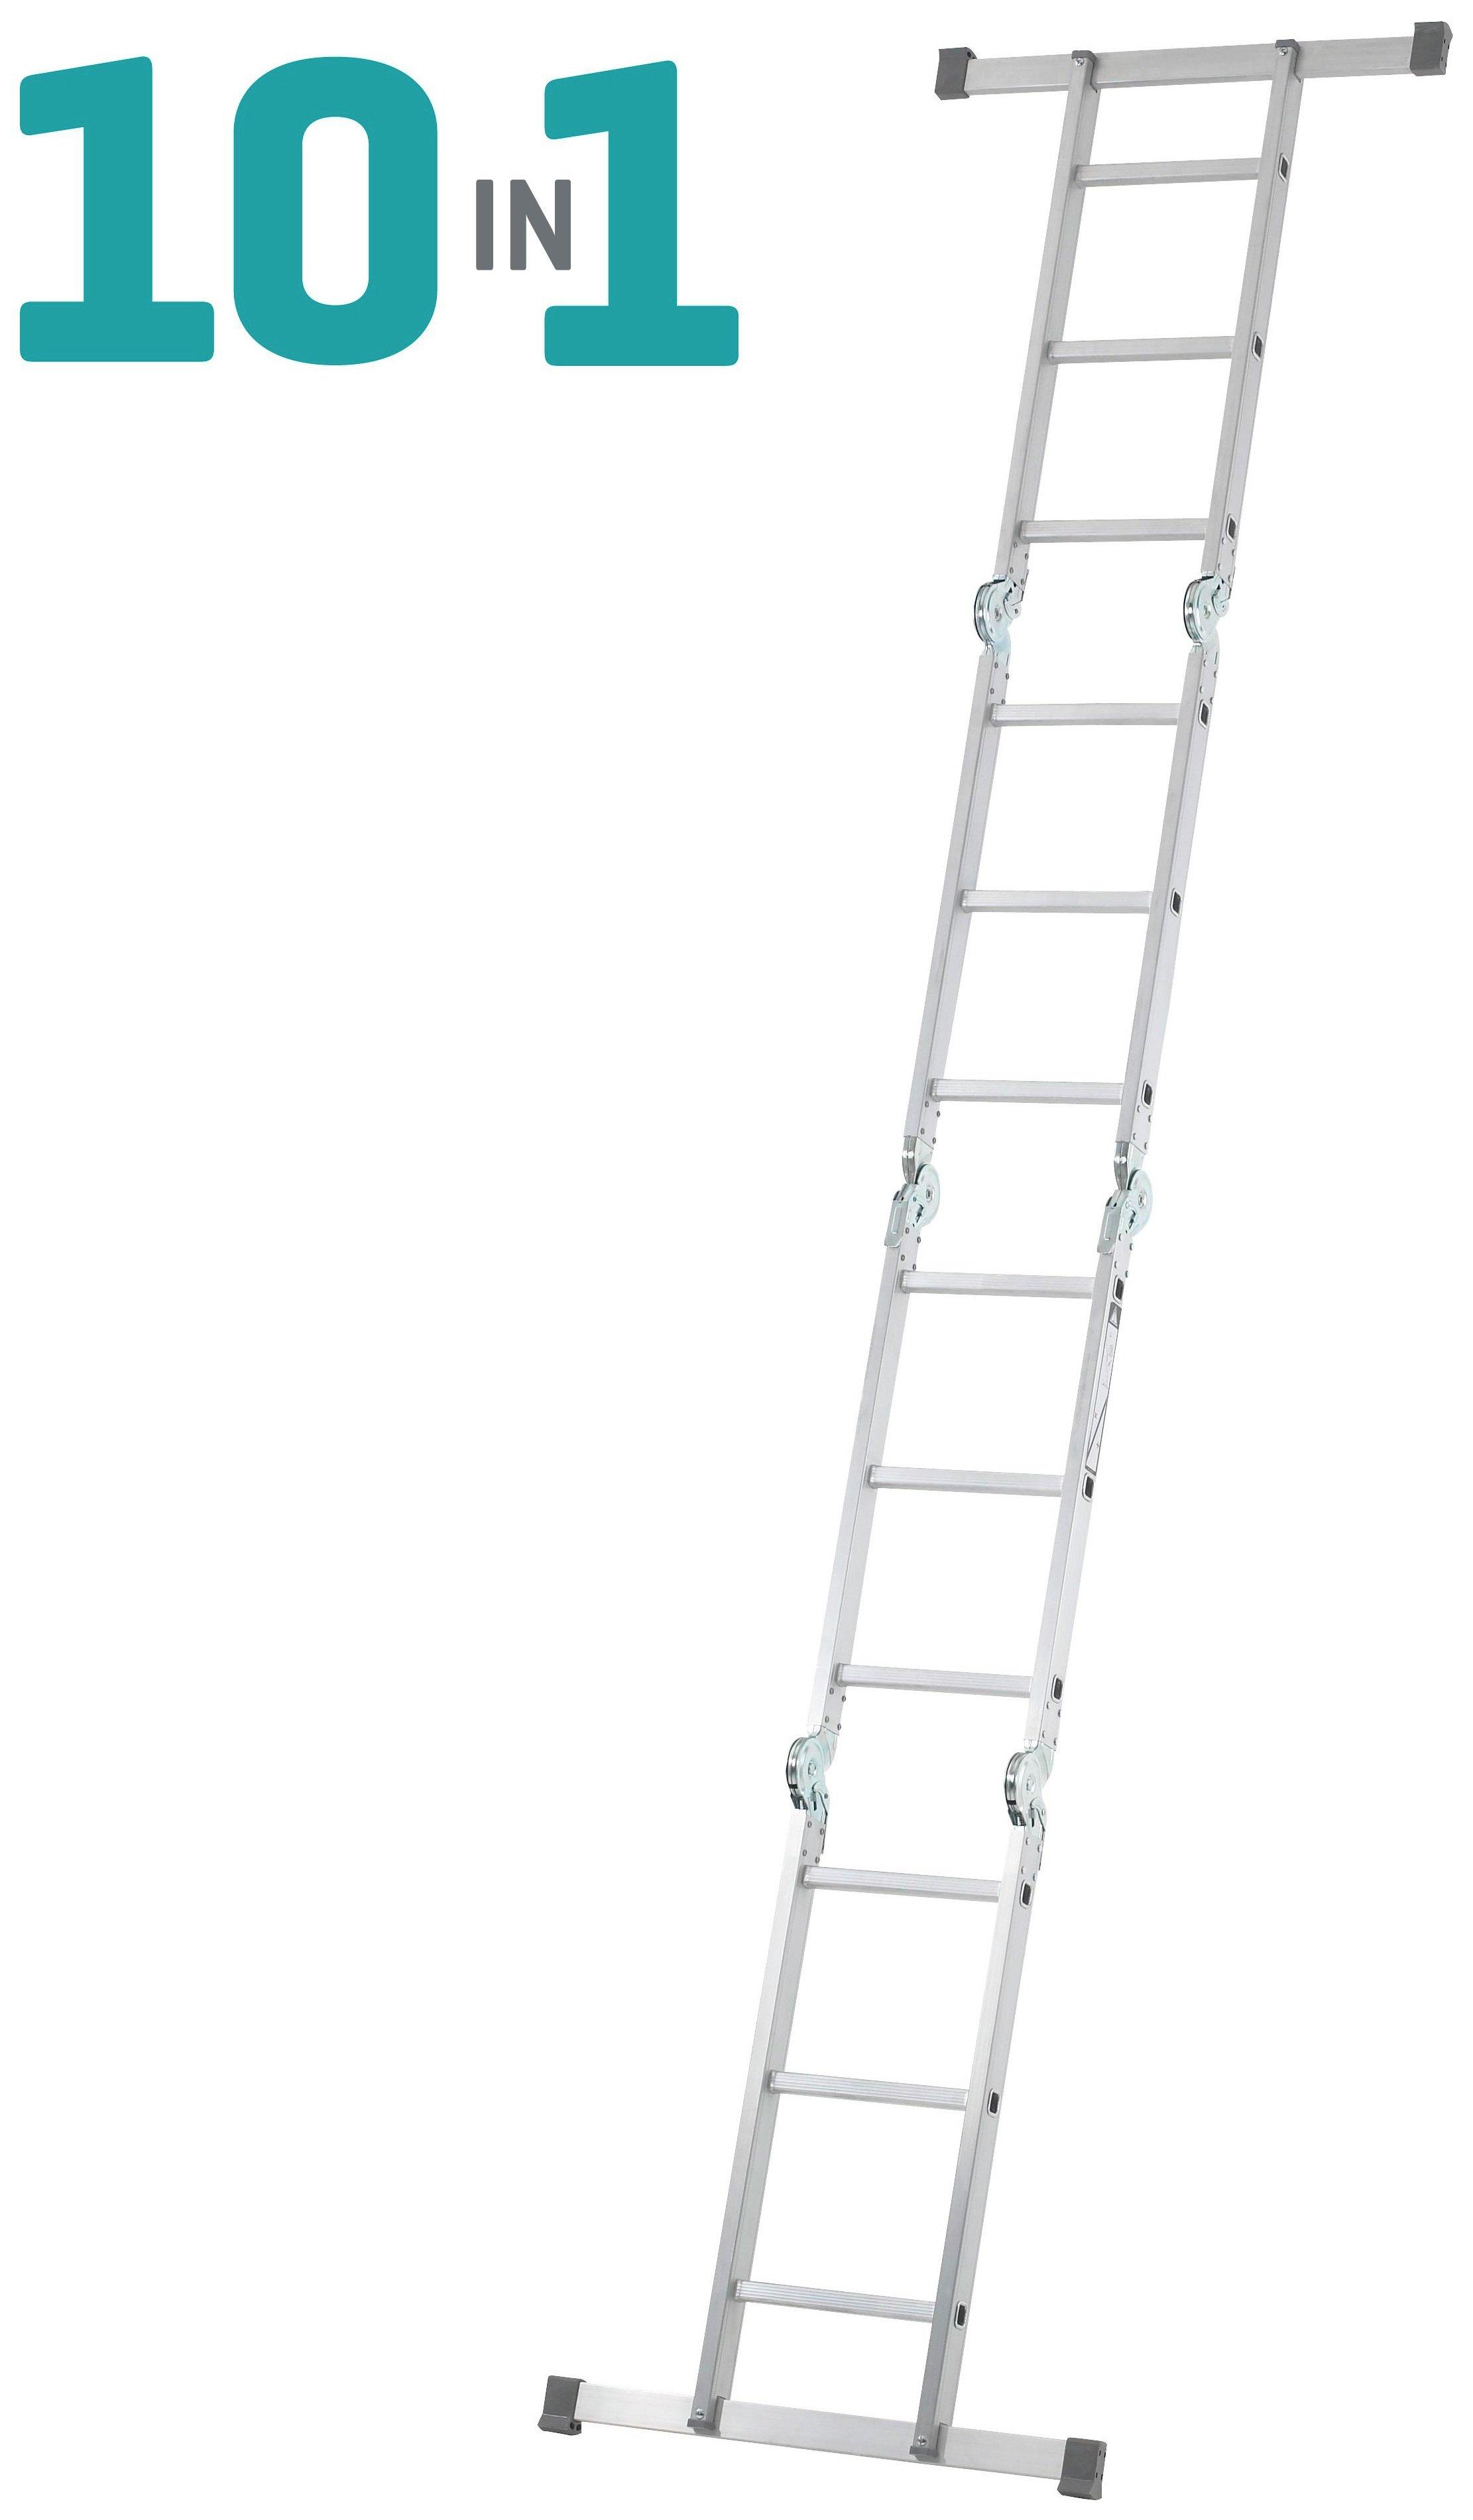 Abru Multi-Purpose Ladder 10 In 1 4.03M Max. *SWH